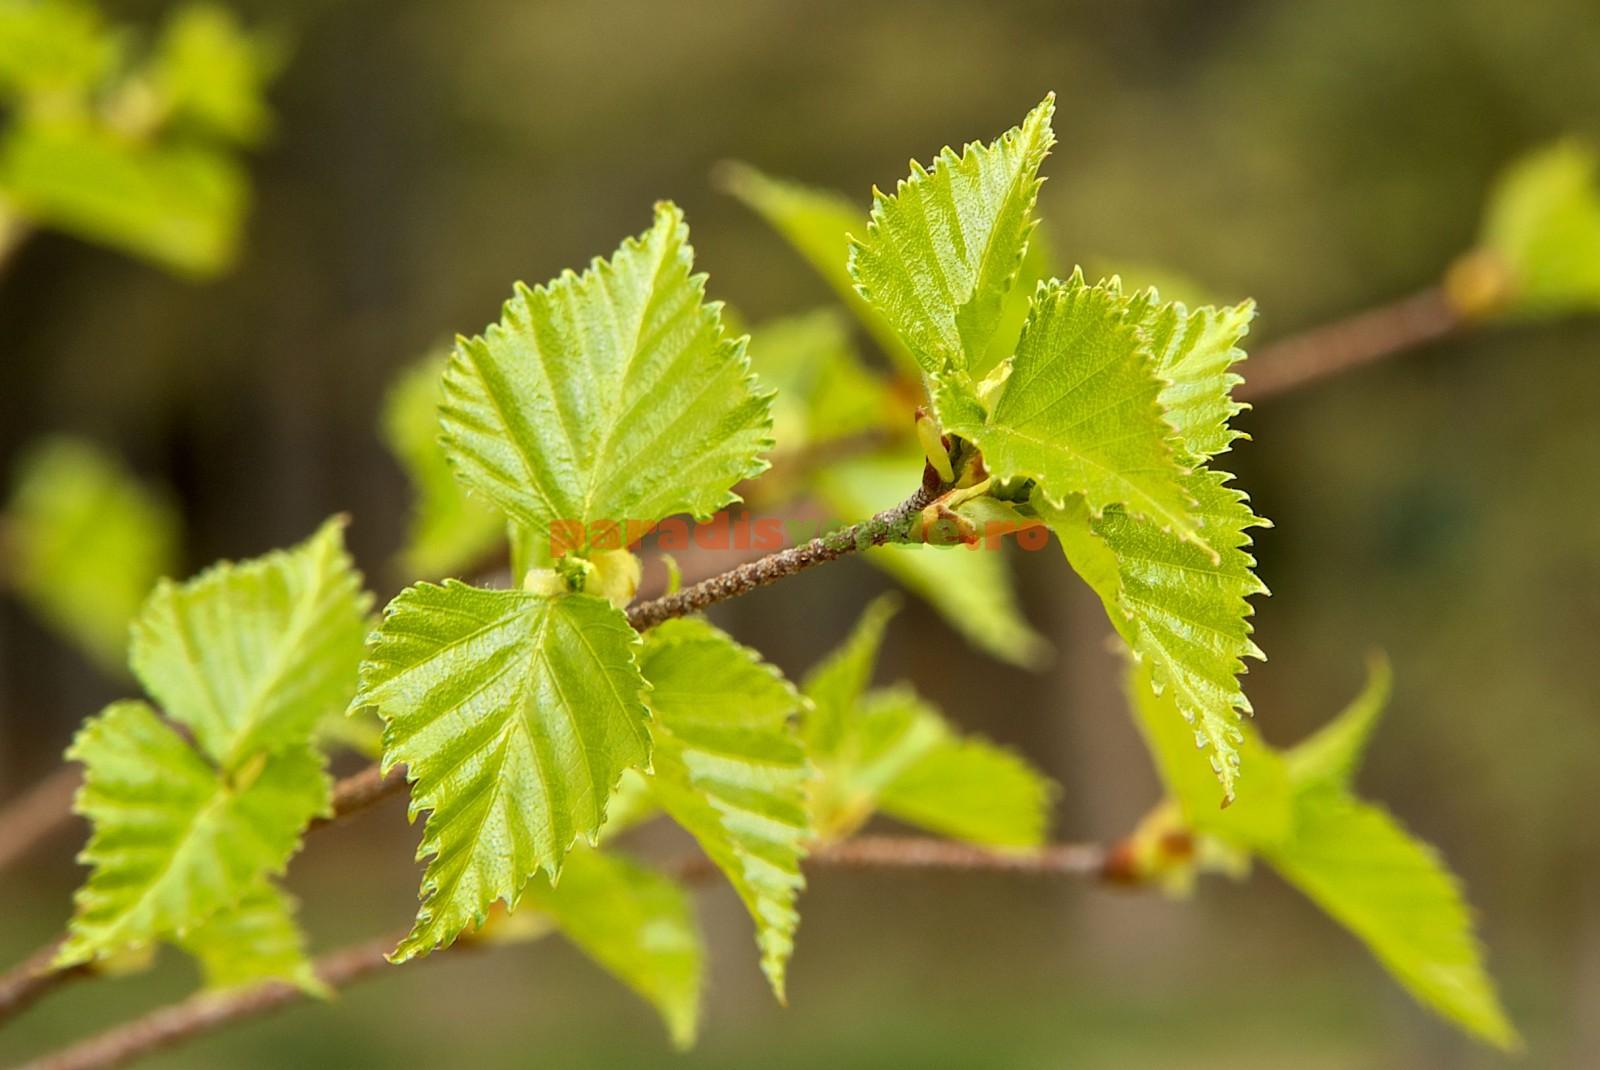 Artroza tratarea frunzelor de artar